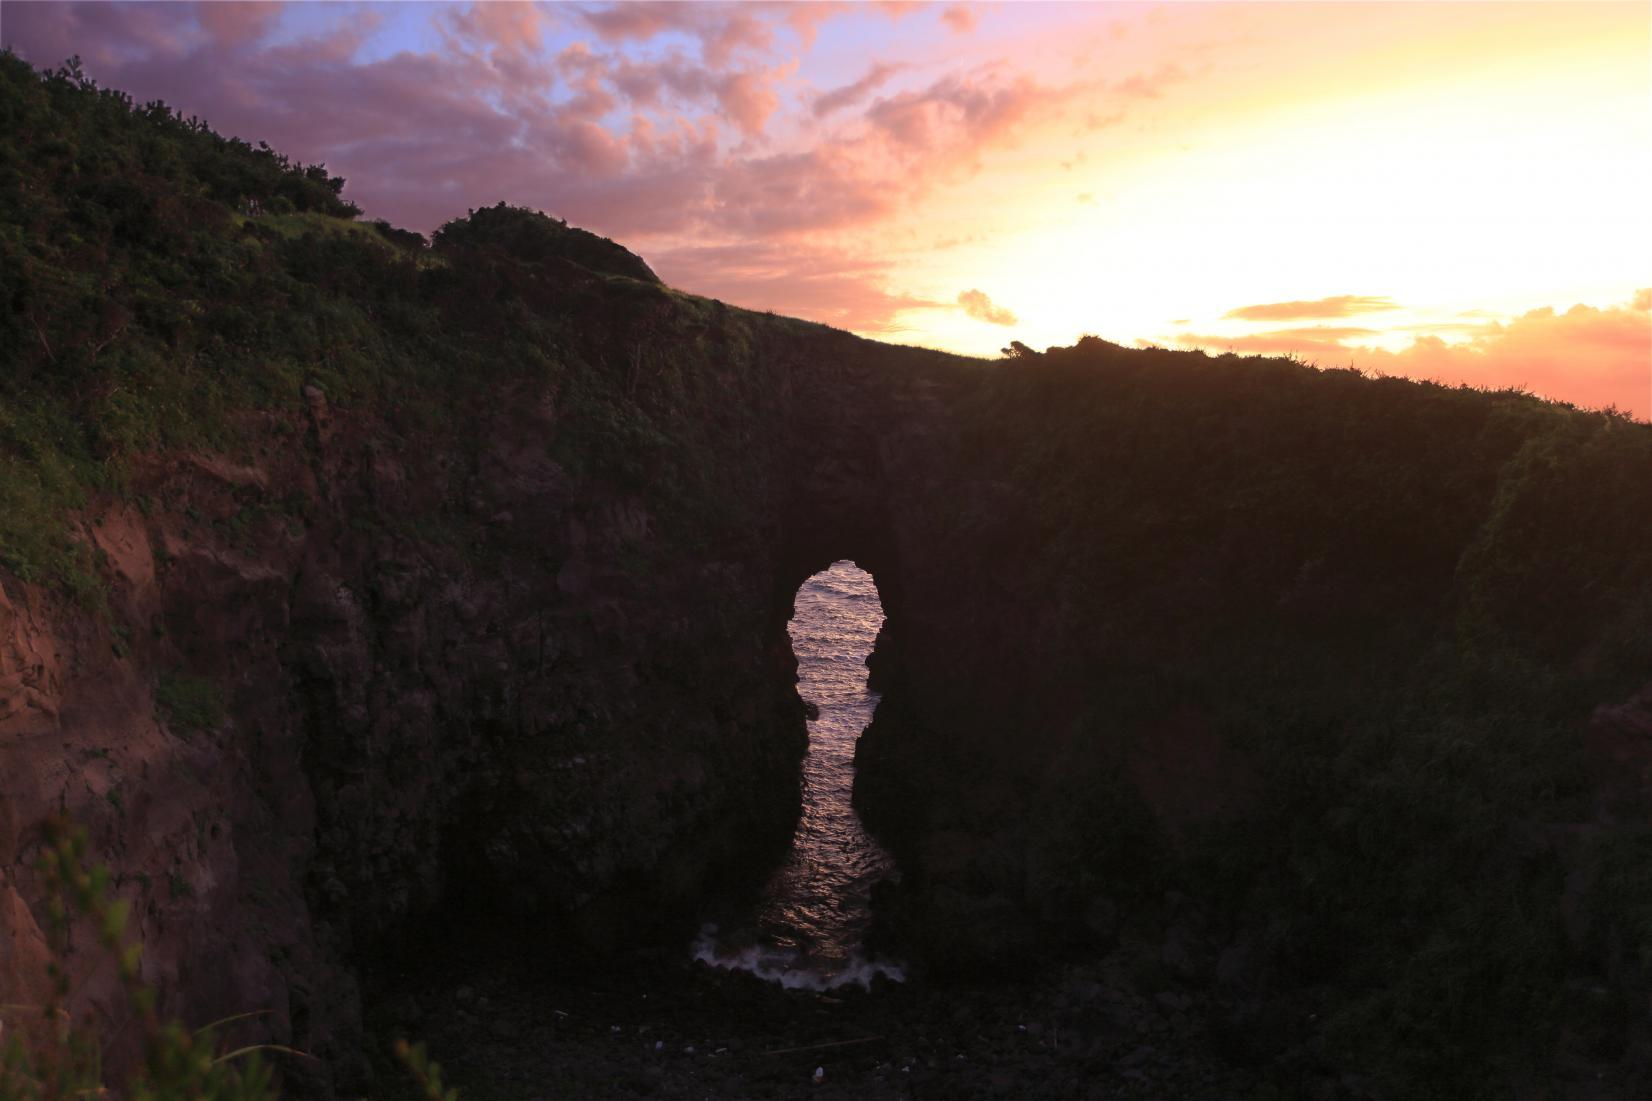 「鬼の足跡」に沈む夕日は、まるで天地創造のワンシーン-0